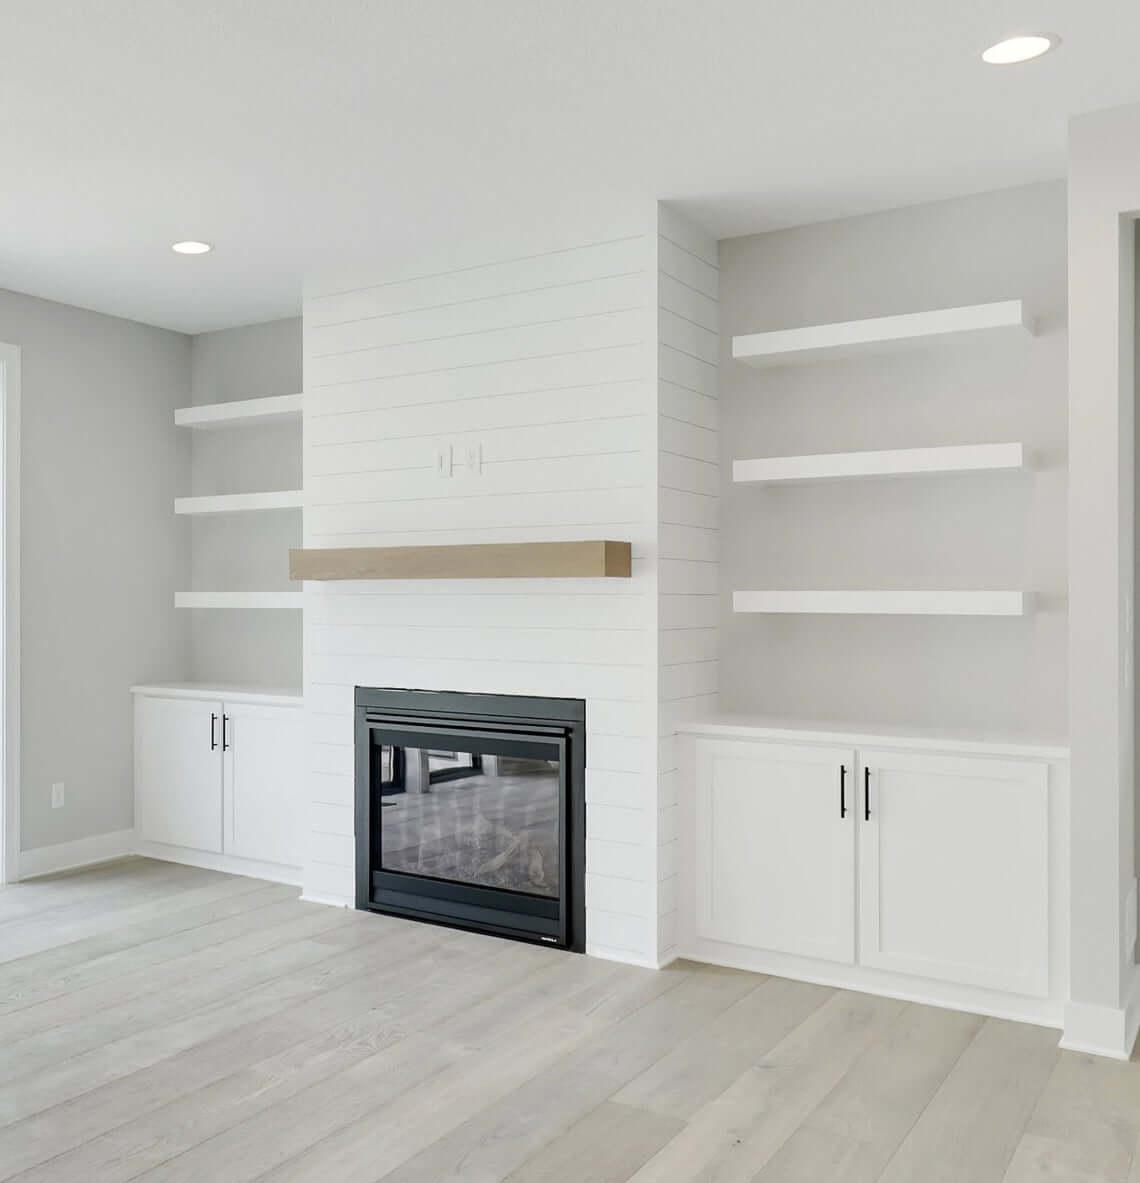 Clean White Modern Built-In Floating Shelves